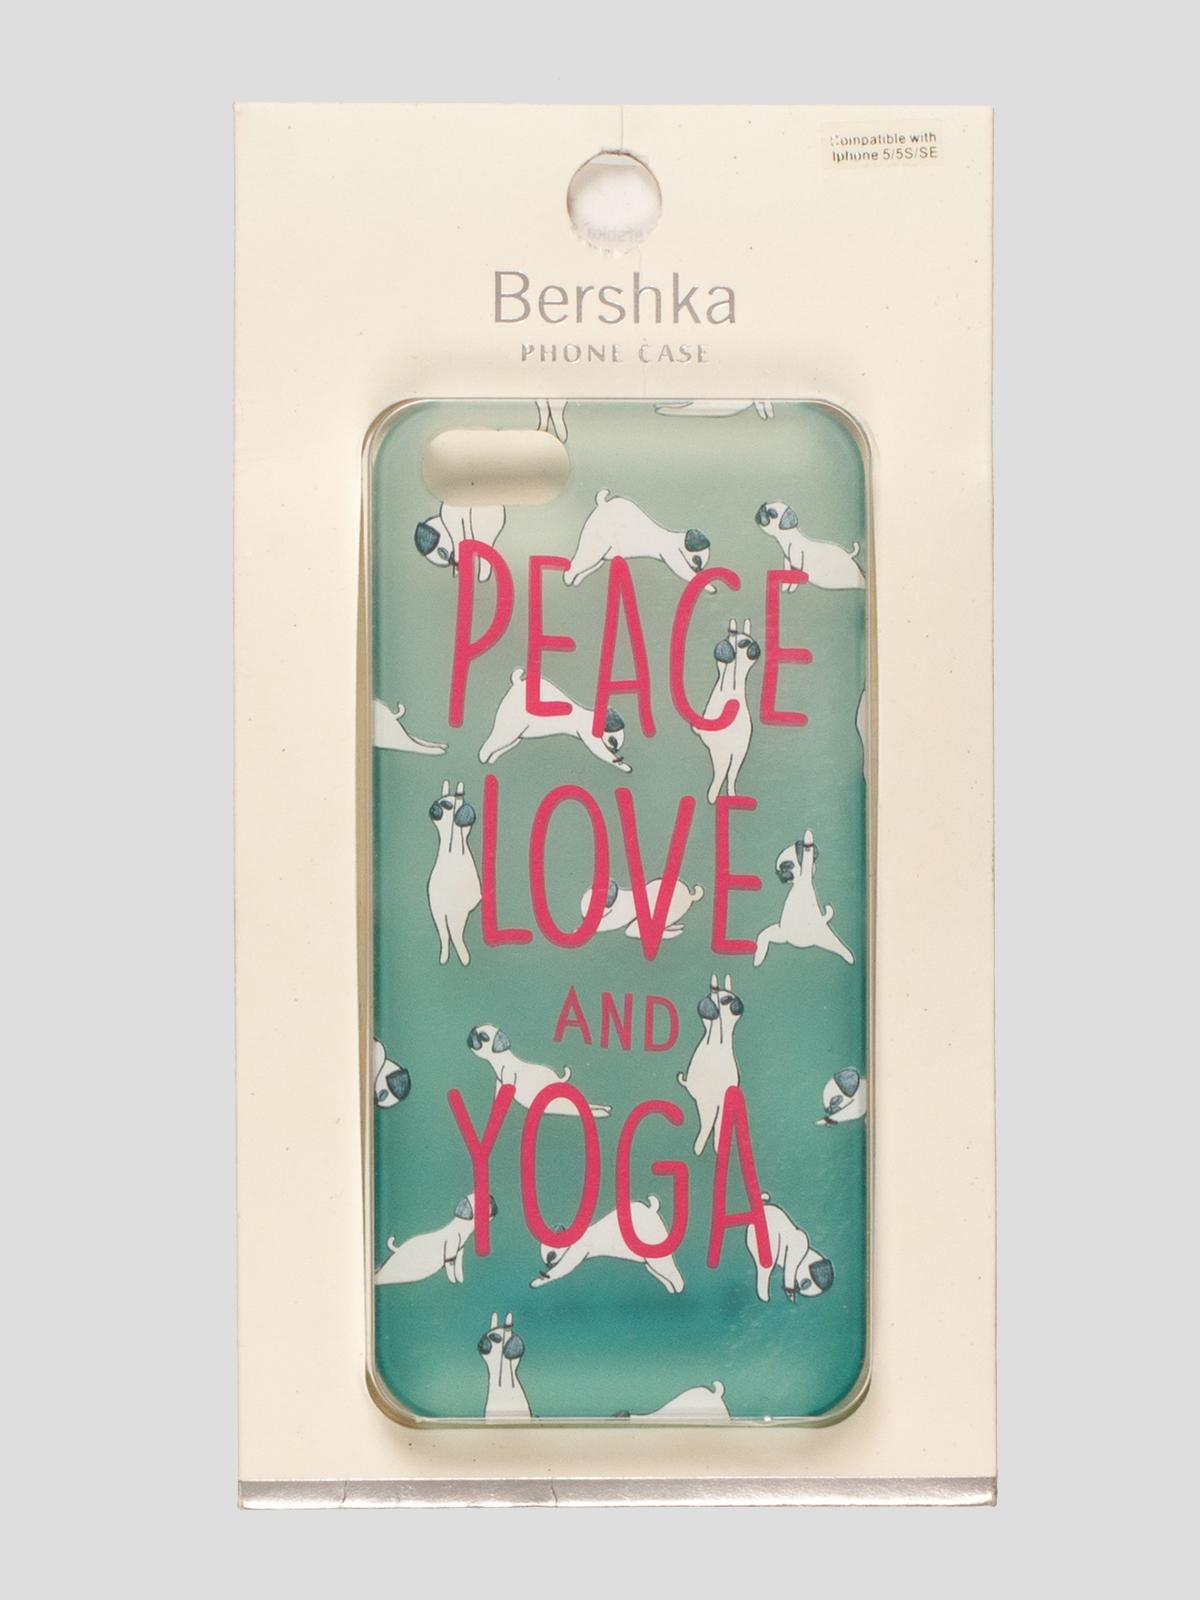 Чехол — Bershka, акция действует до 3 декабря 2020 года  | LeBoutique — Коллекция брендовых вещей от Bershka — 4602062